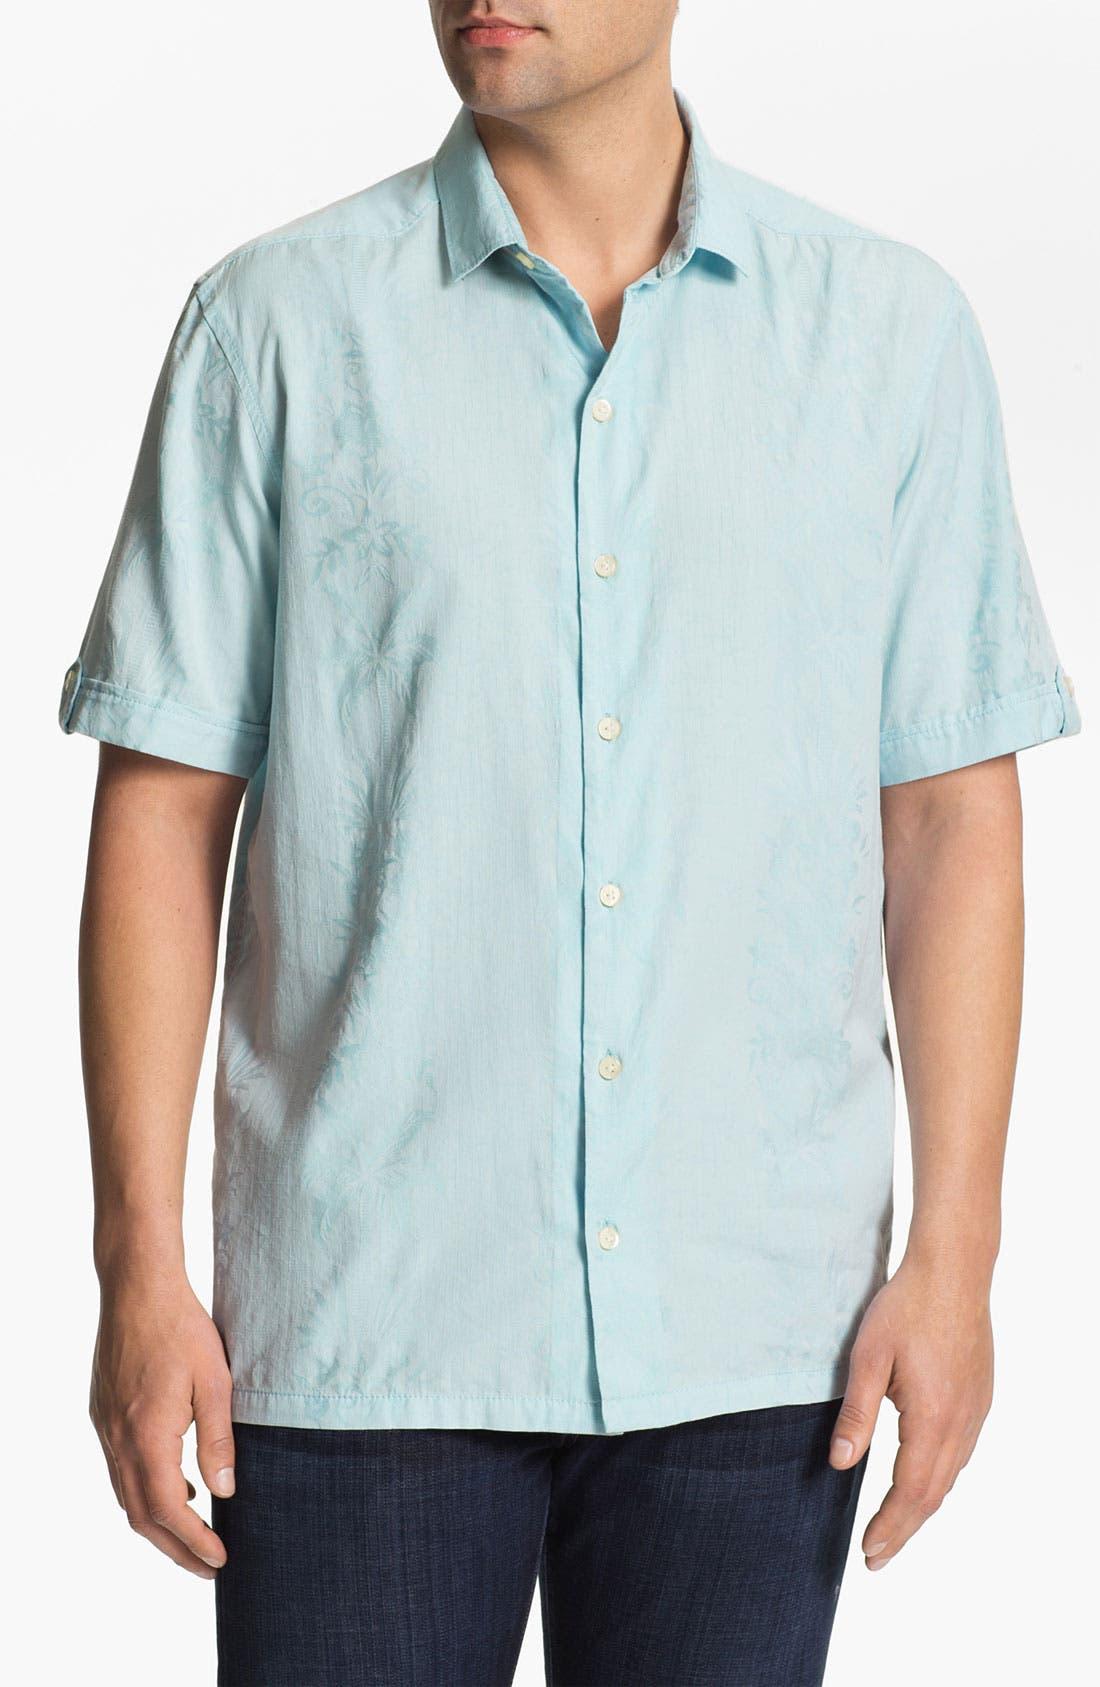 Alternate Image 1 Selected - Tommy Bahama 'Bali Blogger' Campshirt (Big & Tall)